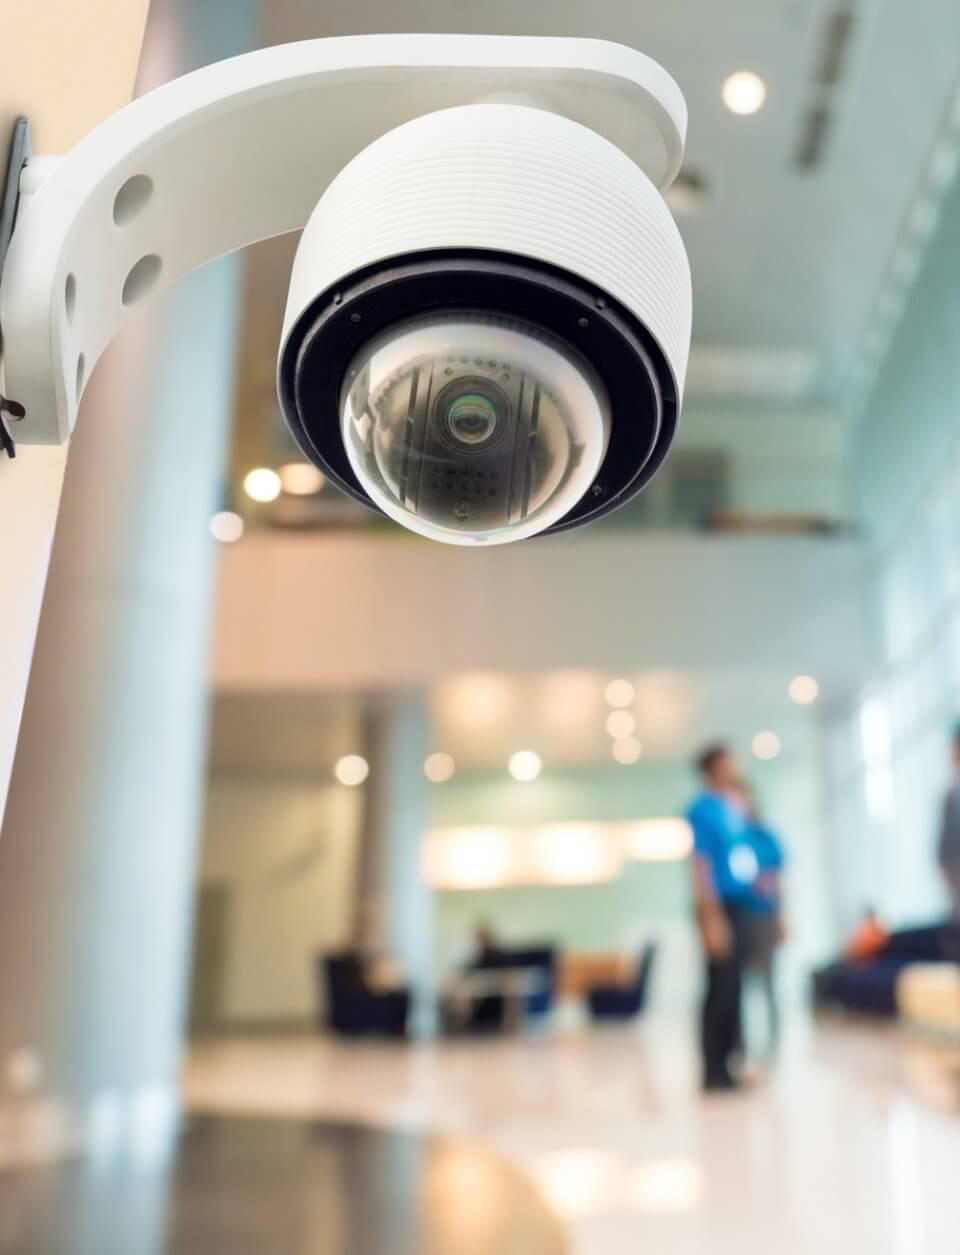 Instalacje teletechniczne, ppoż., teleinformatyczne, alarmowe, kontrola dostępu.